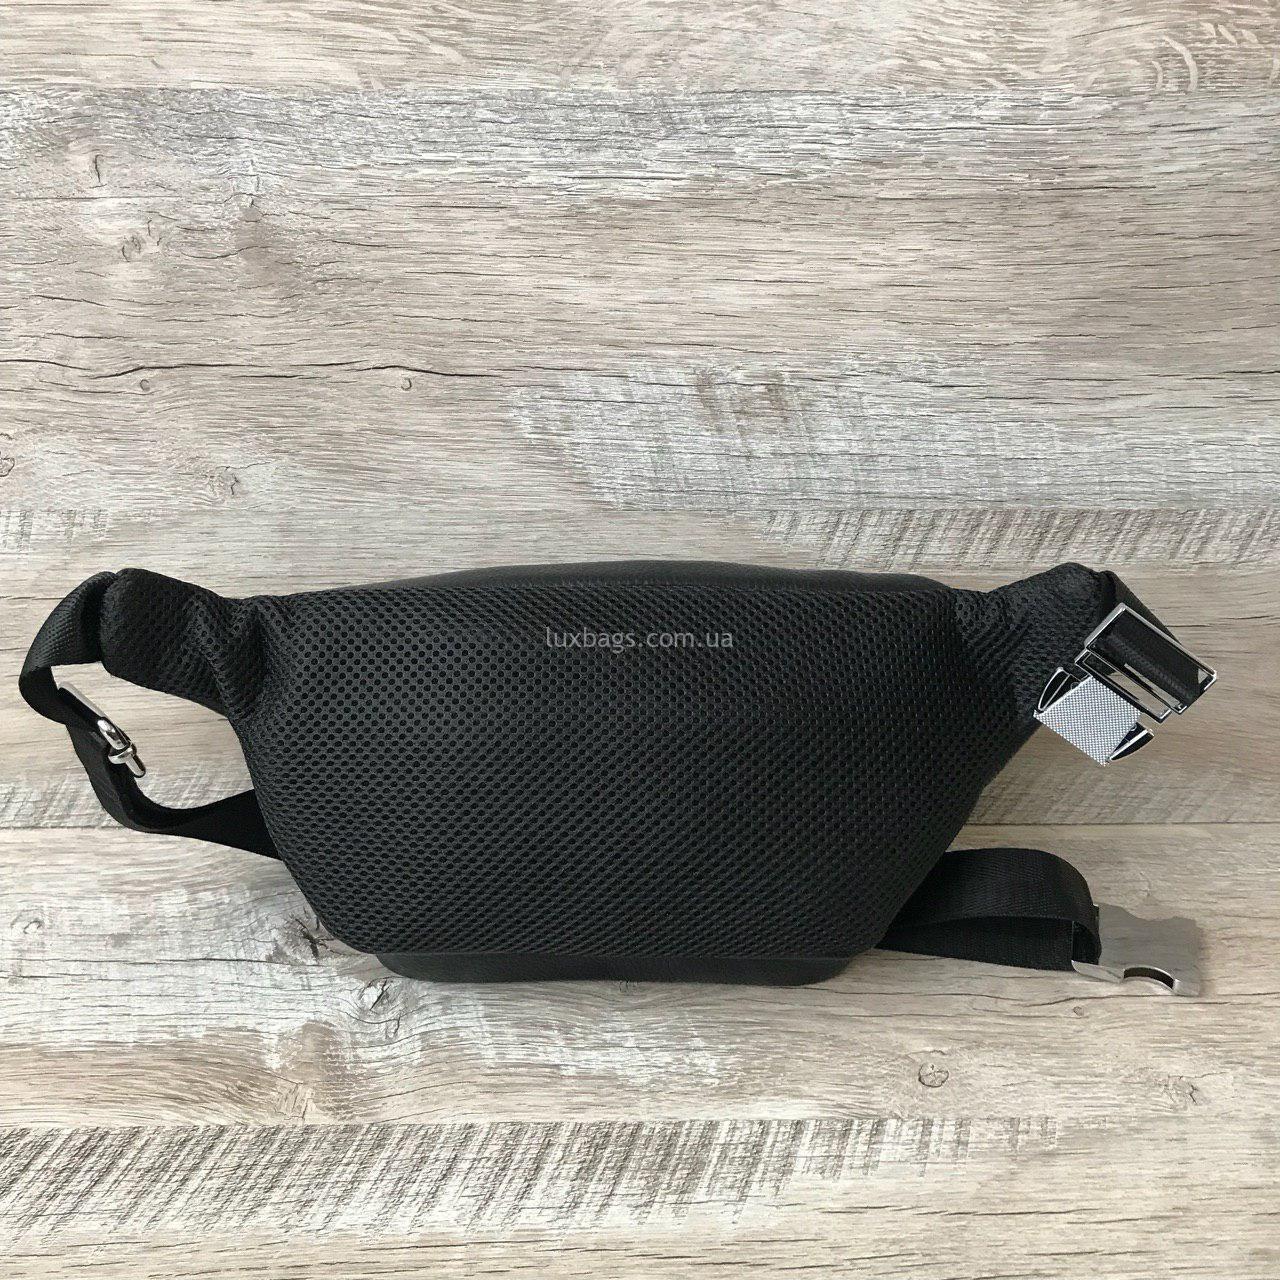 0ad82fe3f1aa Поясная кожаная сумка Gucci Купить Недорого | lux-bags